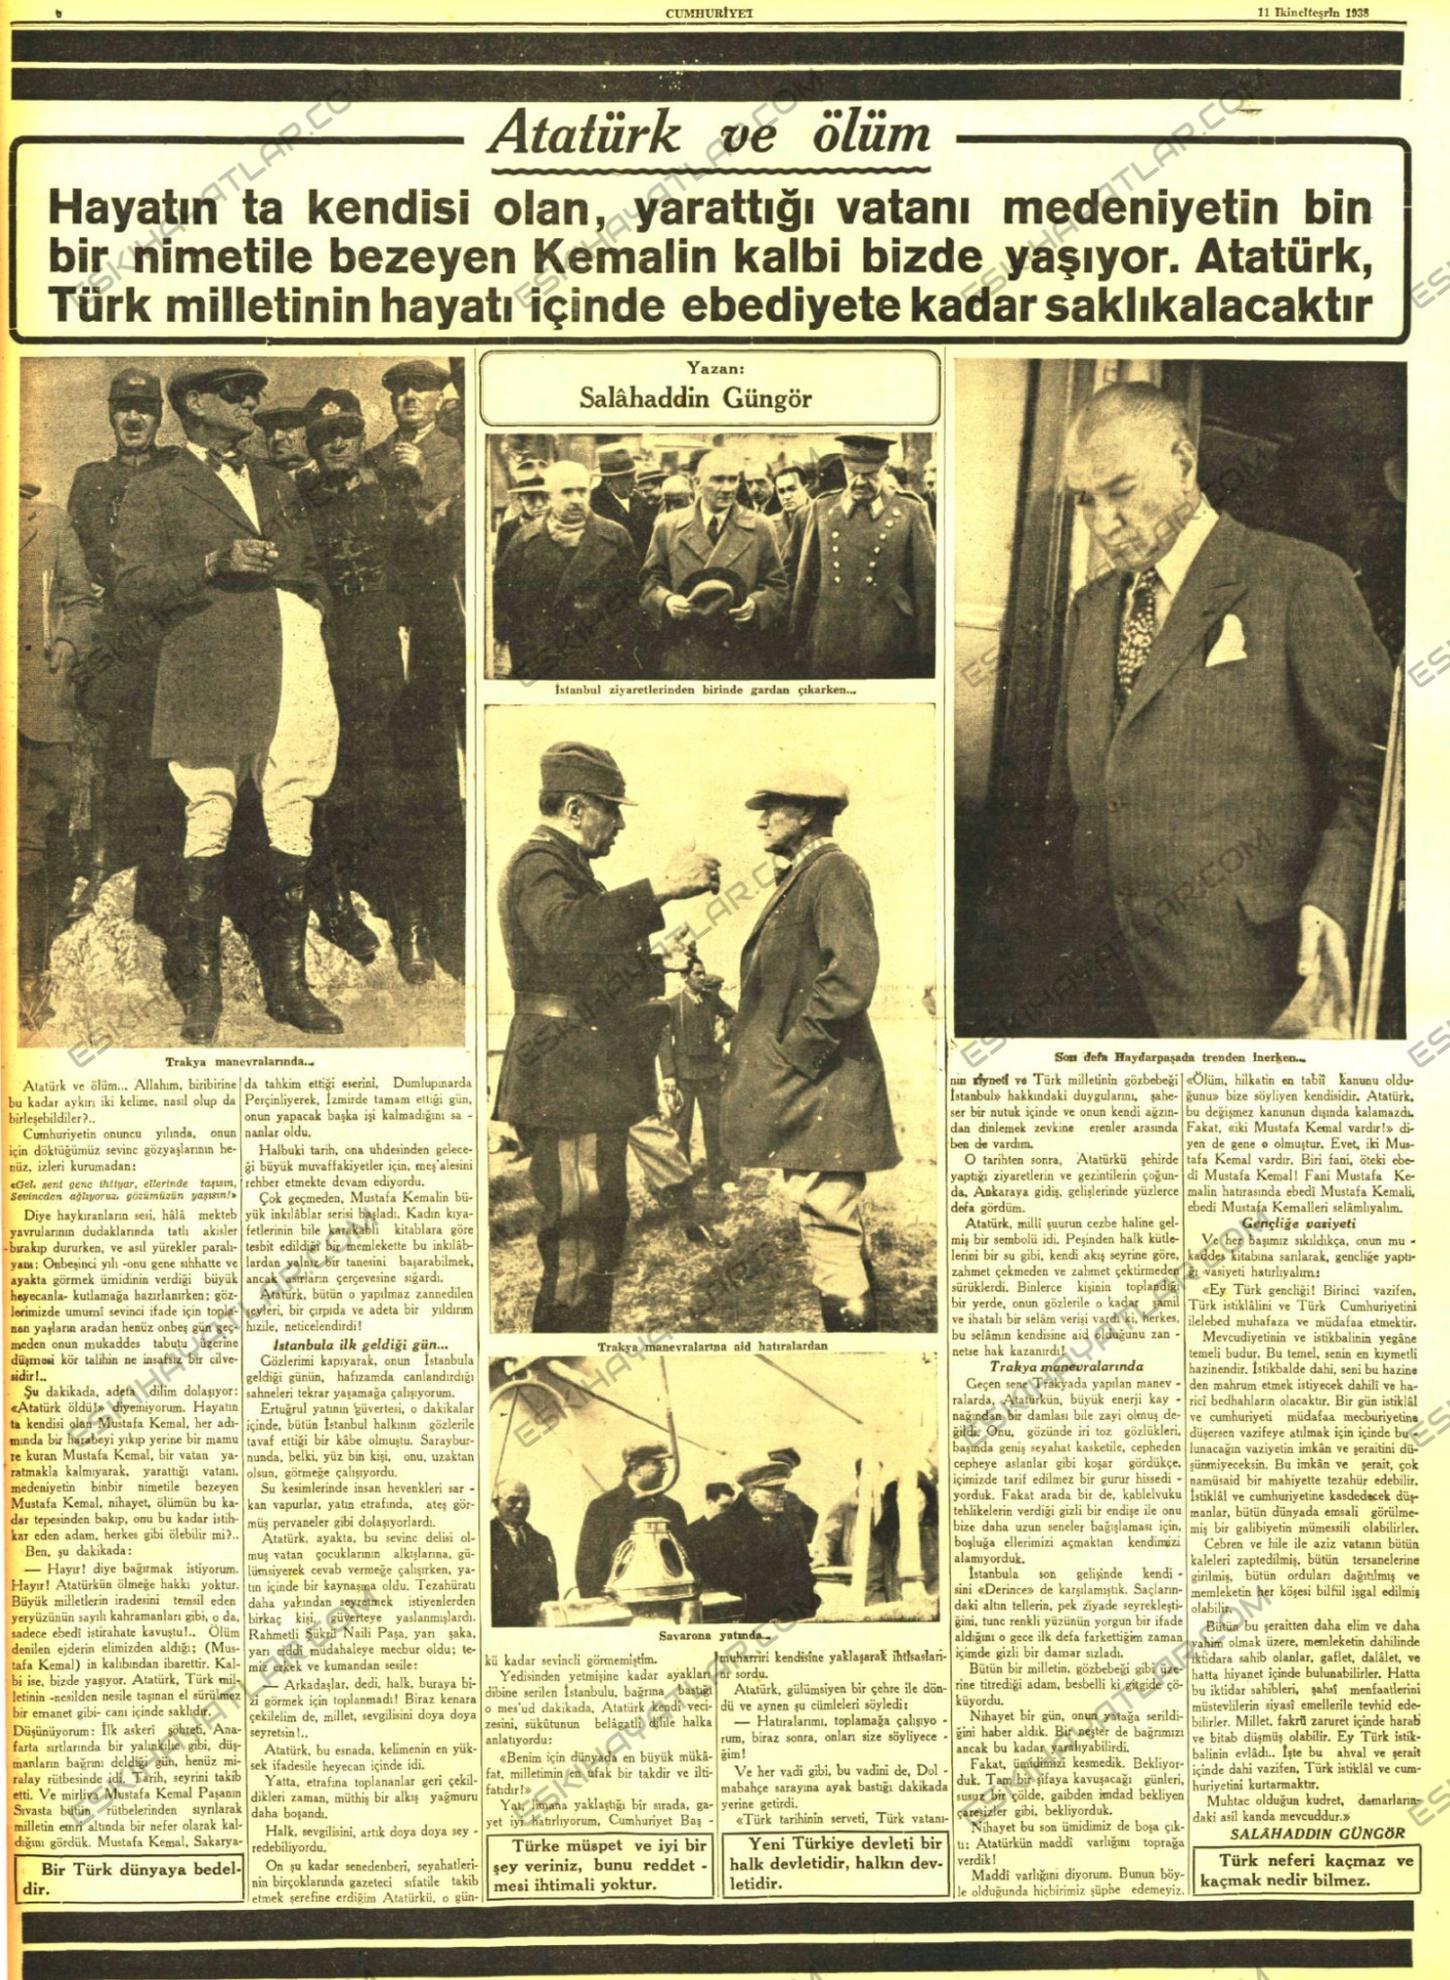 mustafa-kemal-ataturk-un-oldugu-gun-cikan-gazeteler-1938-yilinin-gazeteleri (6)